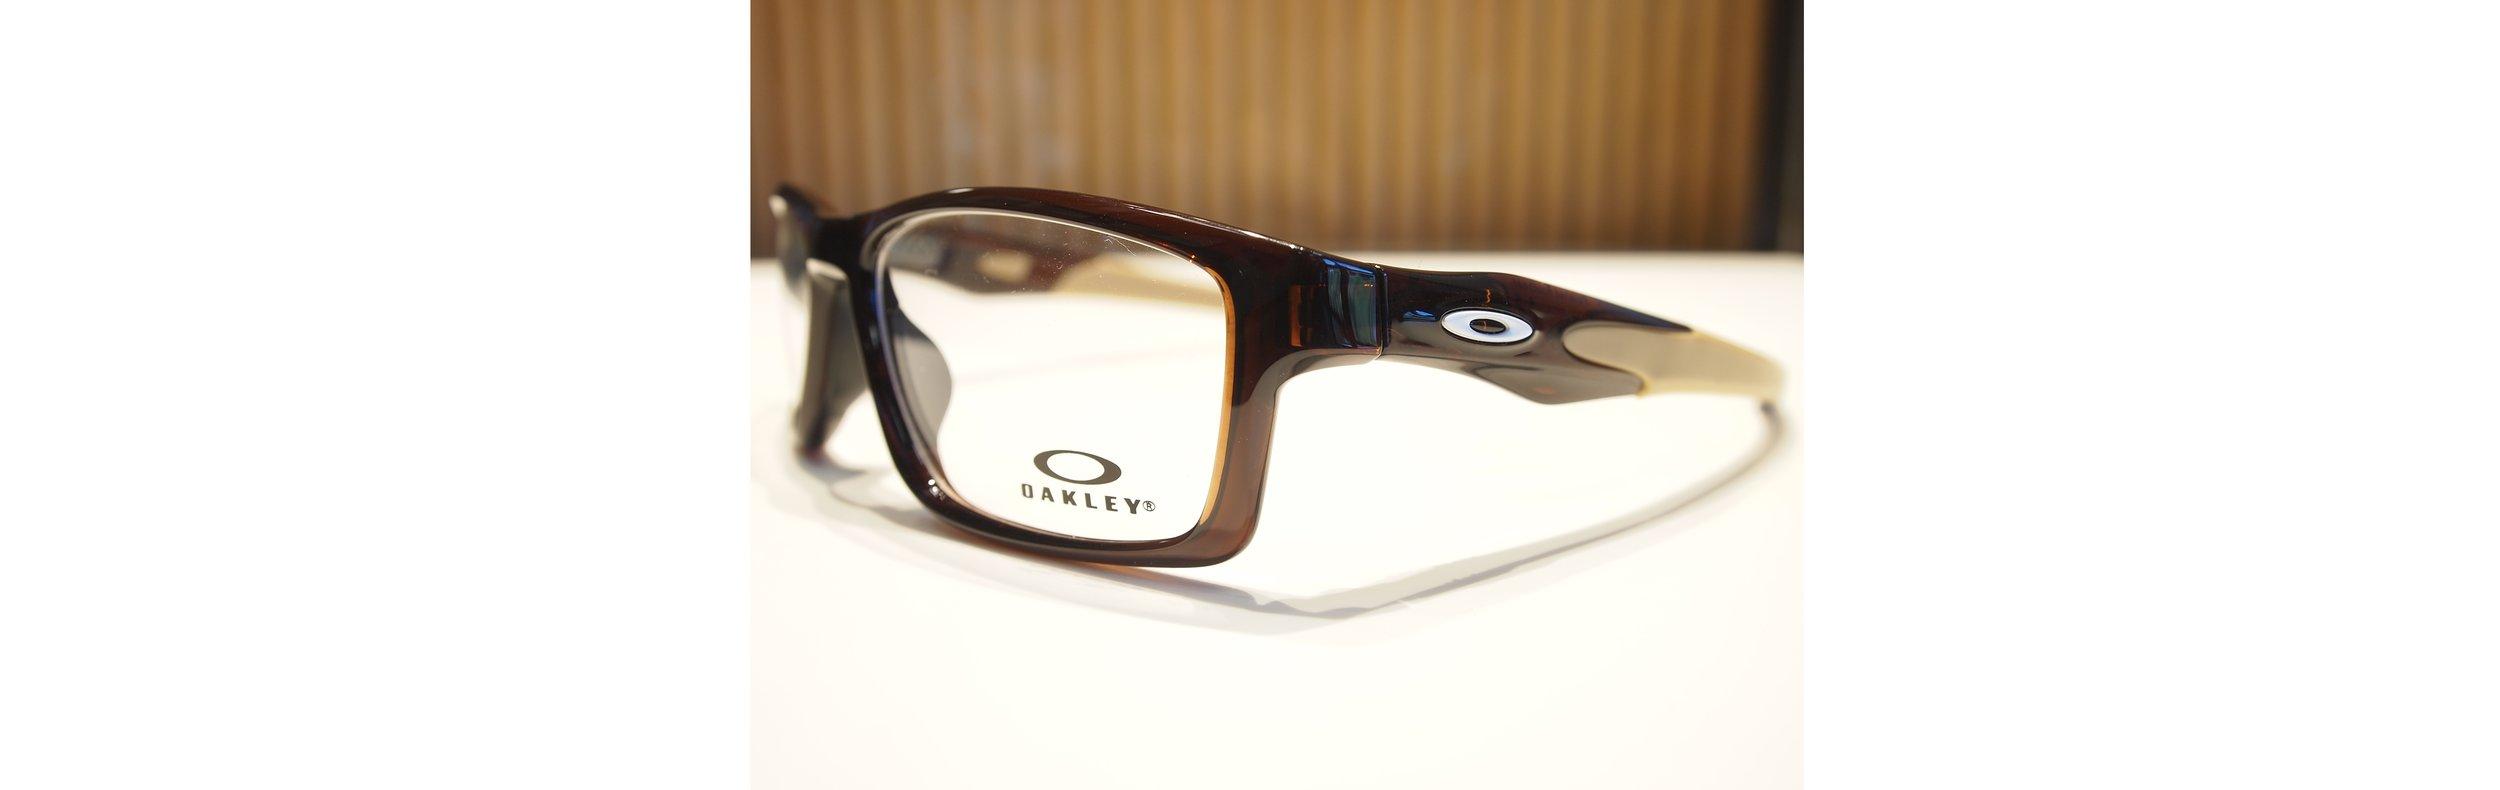 Oakley 2B - Copy.JPG